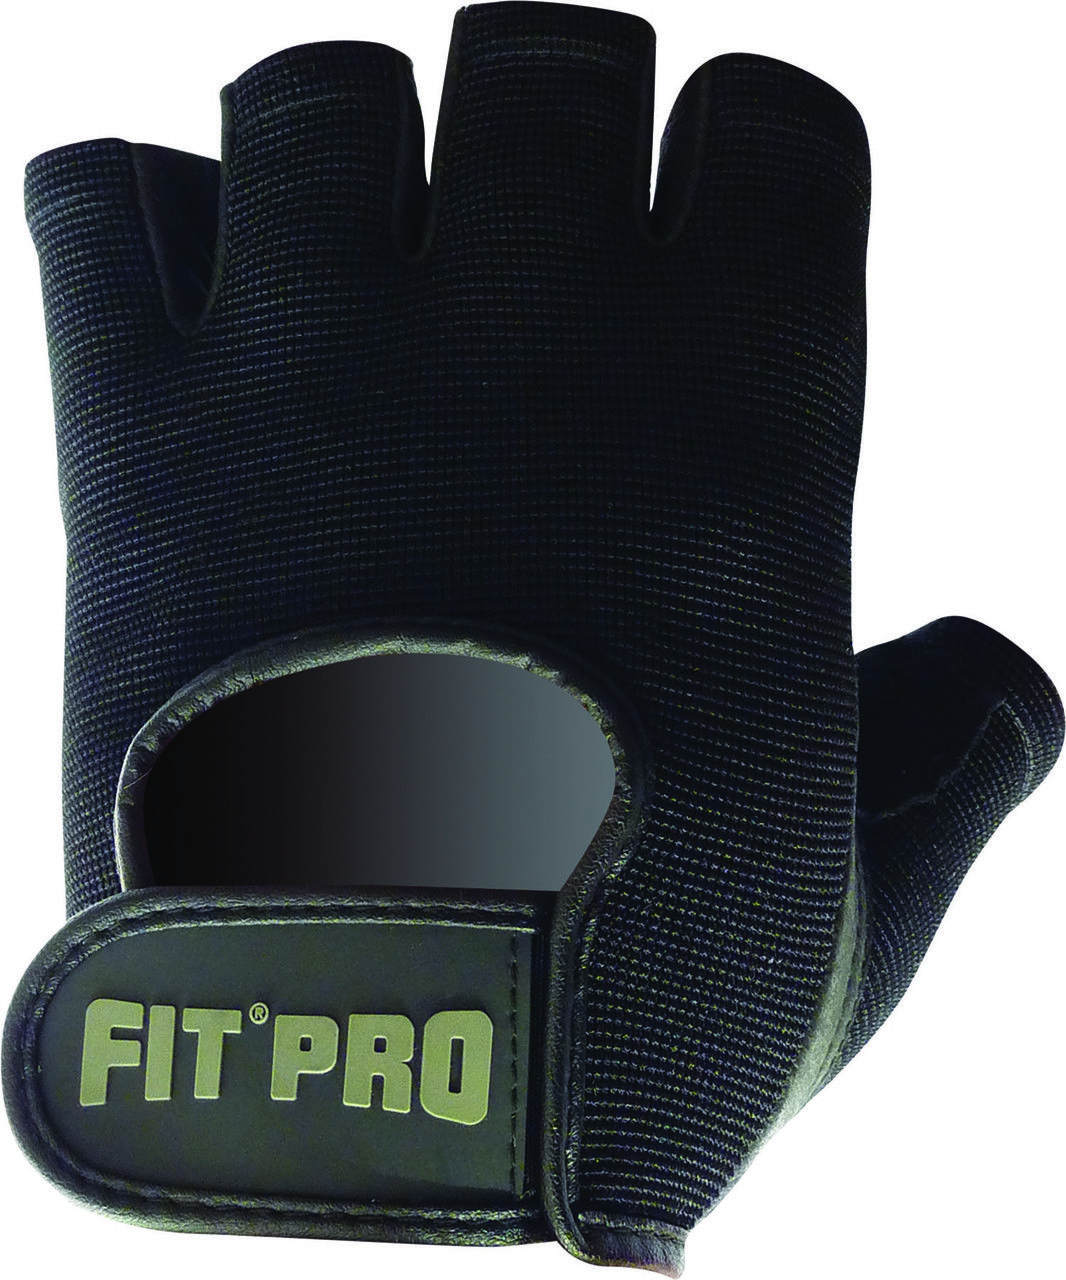 Перчатки для кроссфита Power System FP-07 B1 Pro XL фото видео изображение